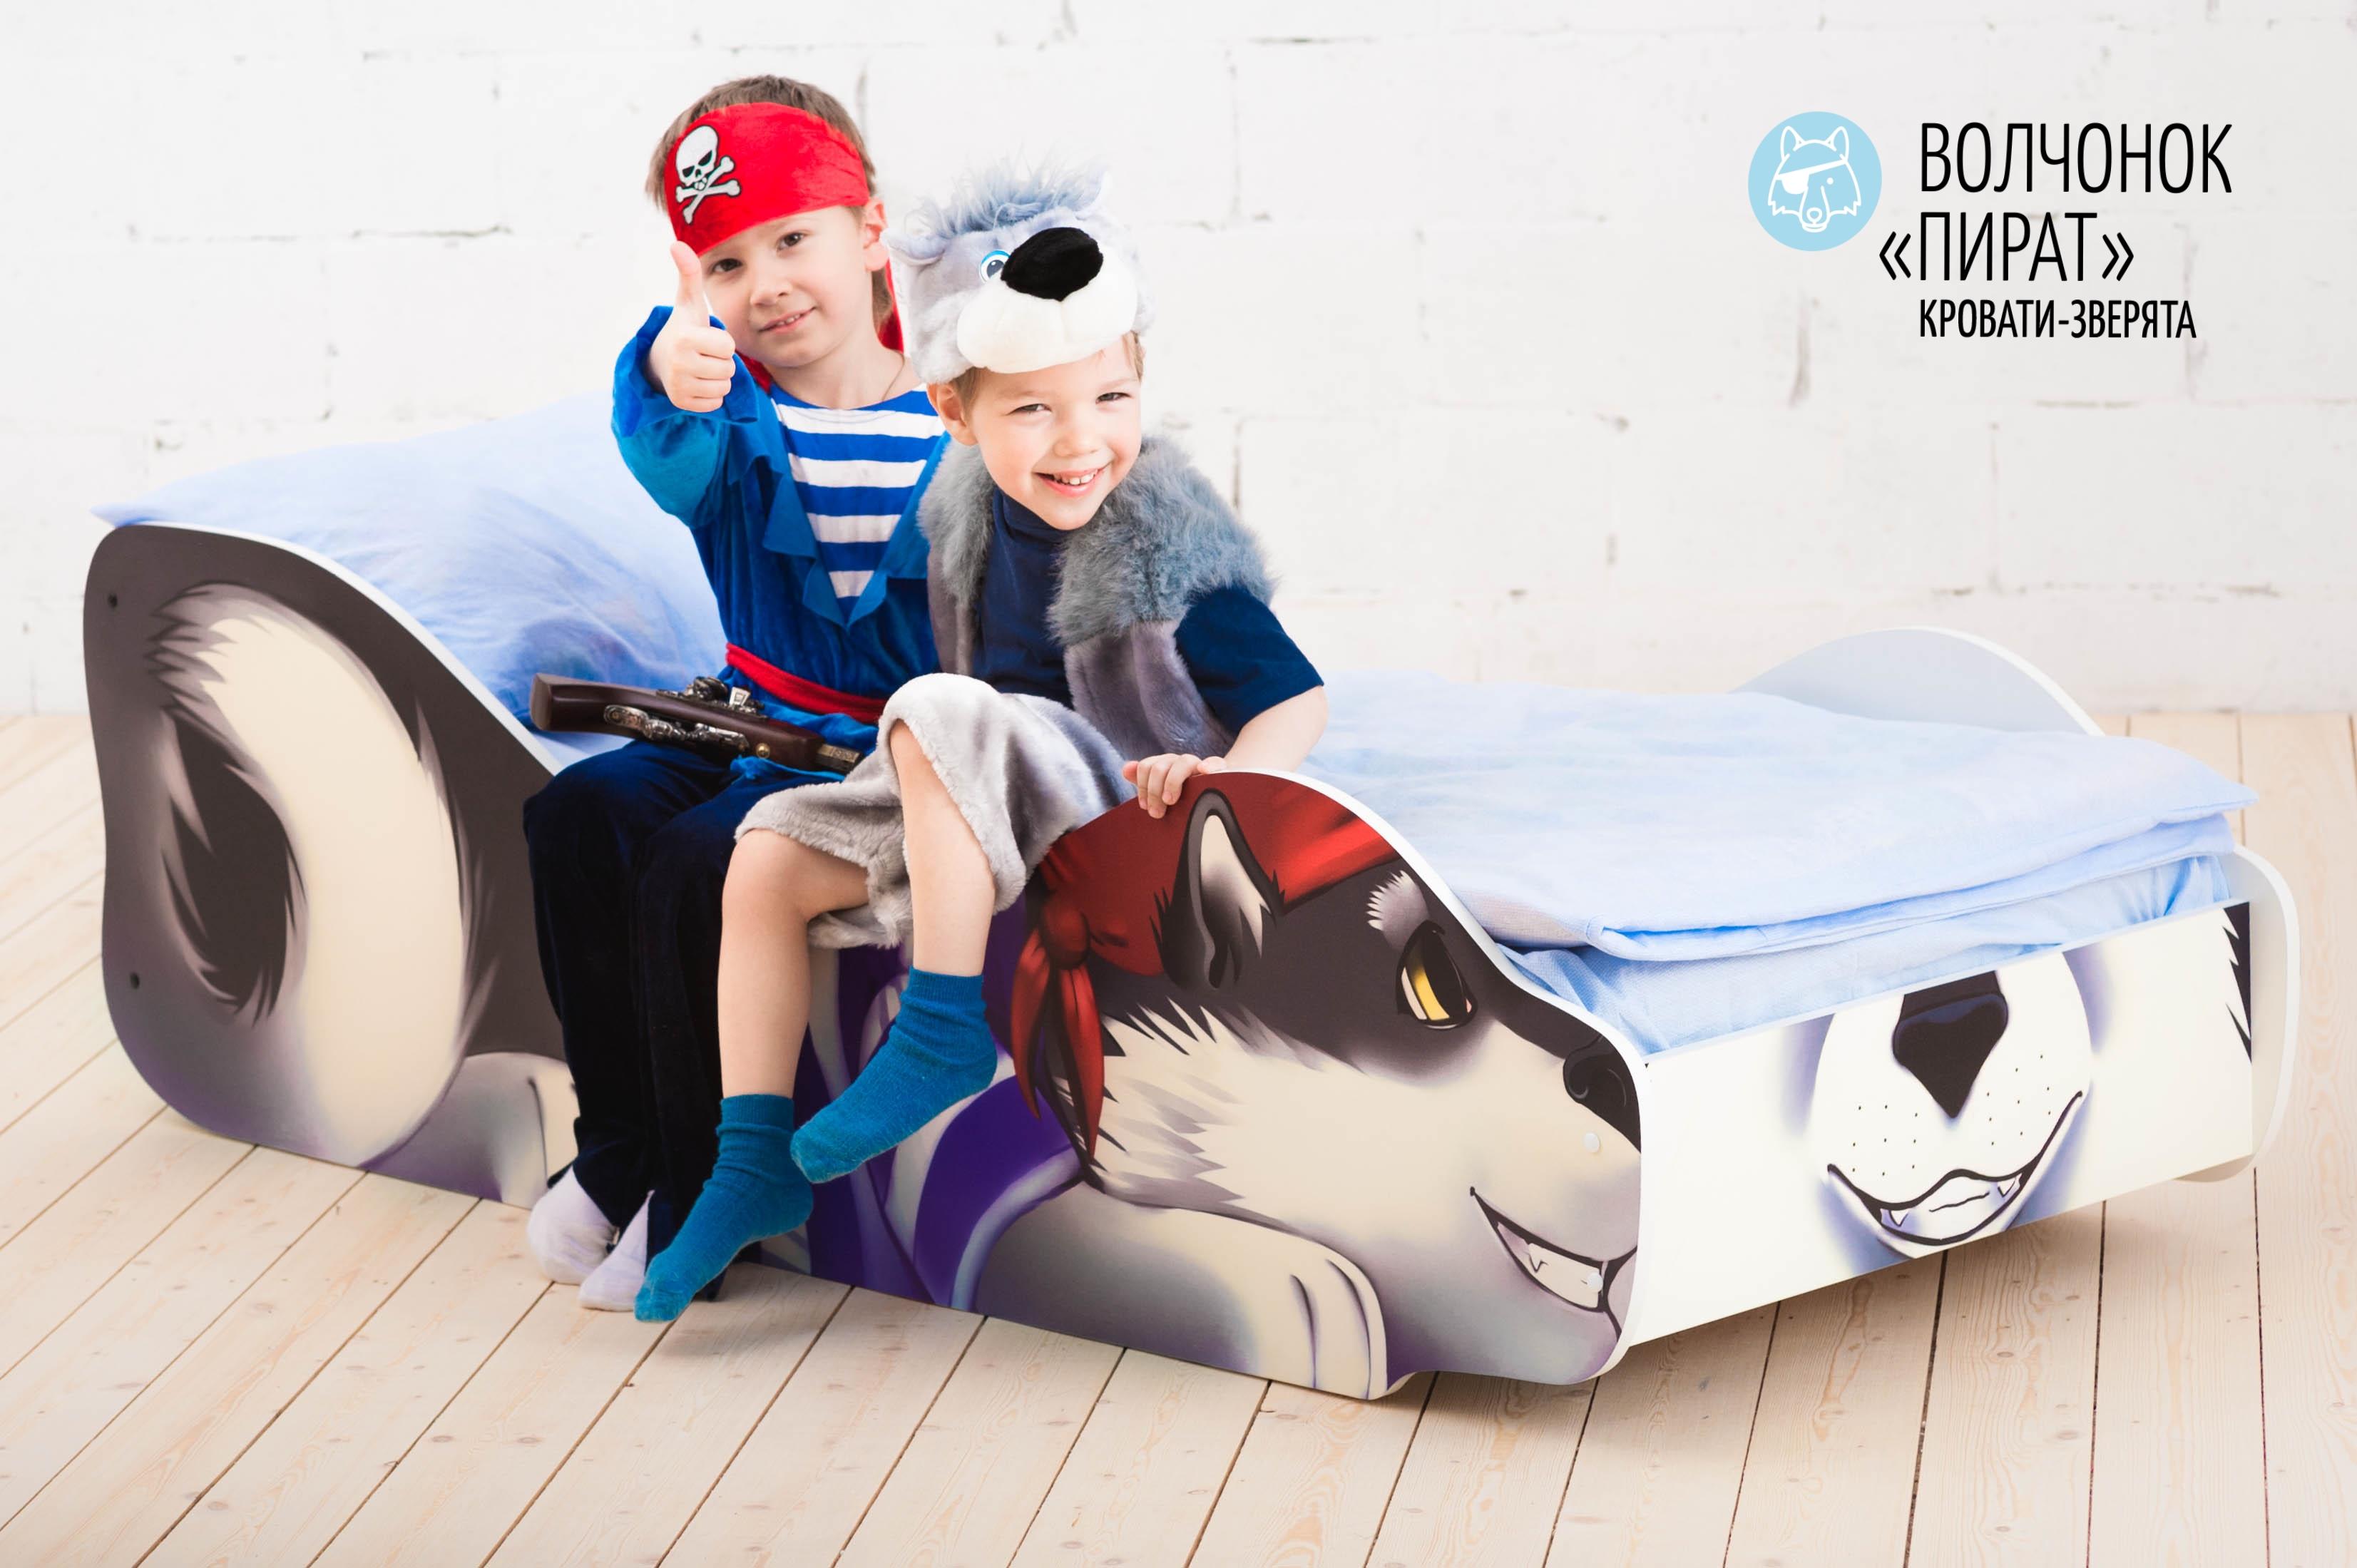 Детская кровать-зверенок -Волчонок-Пират-18